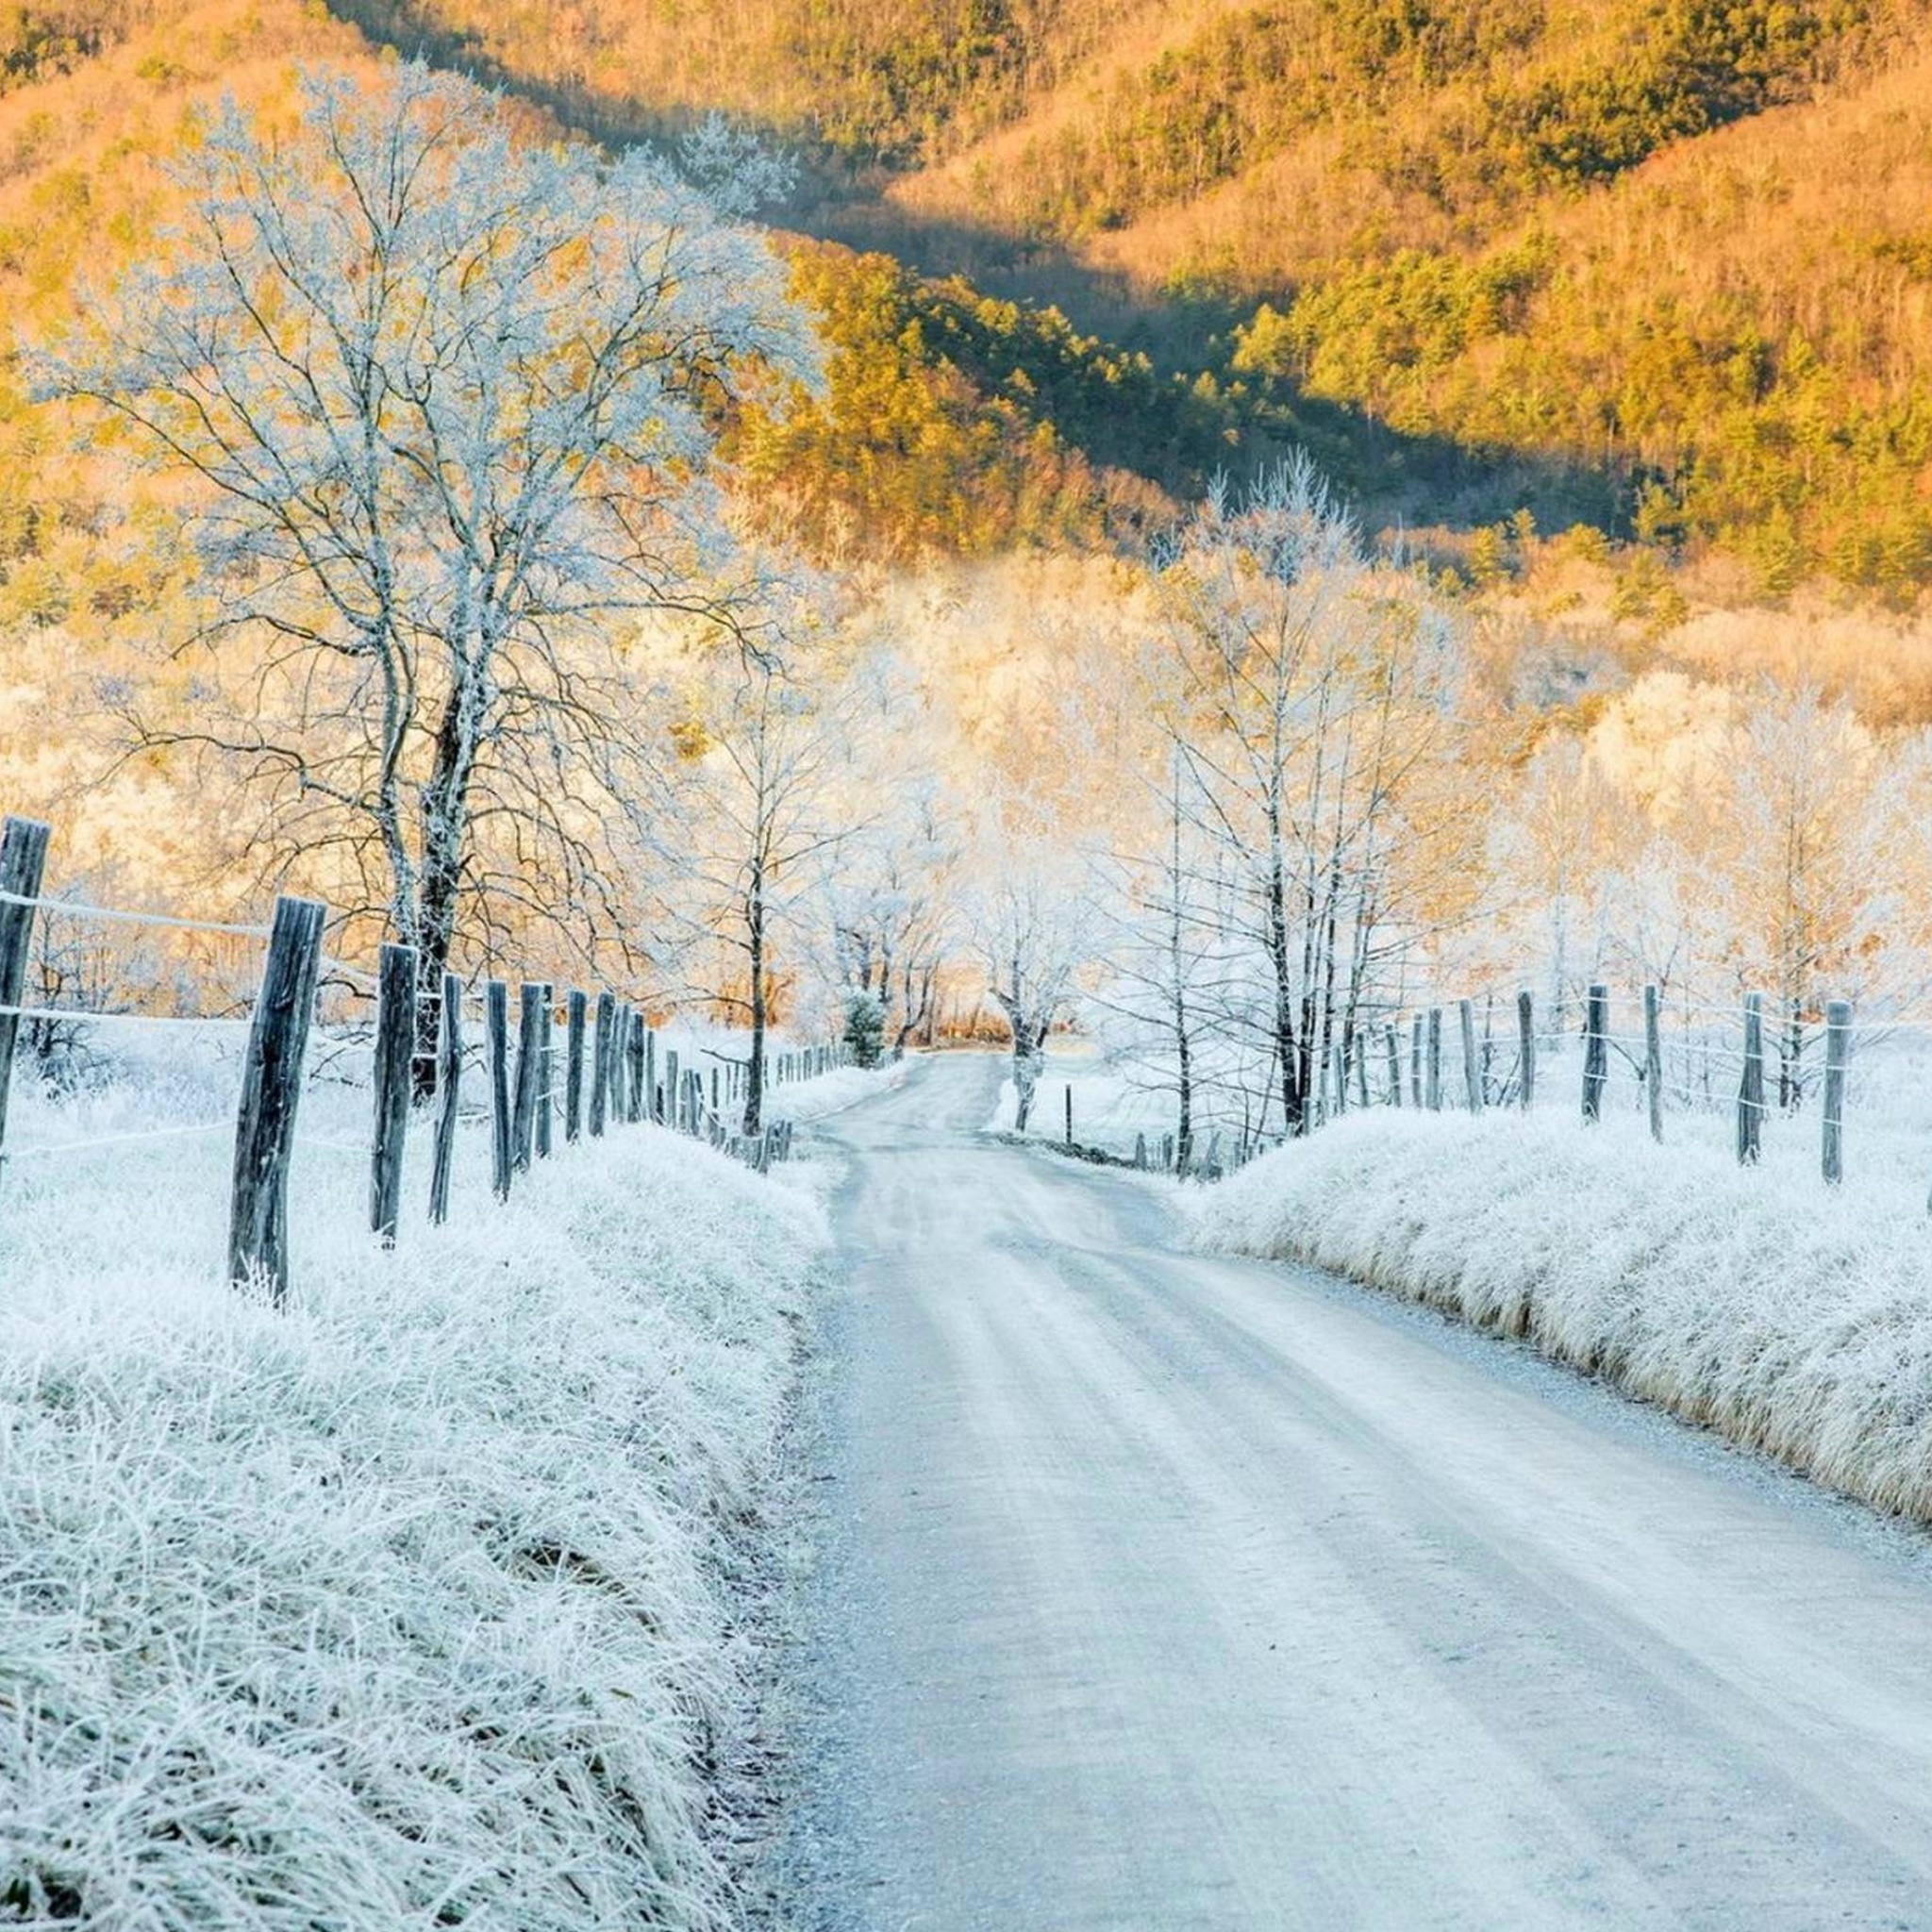 зима дорога иней снег скачать